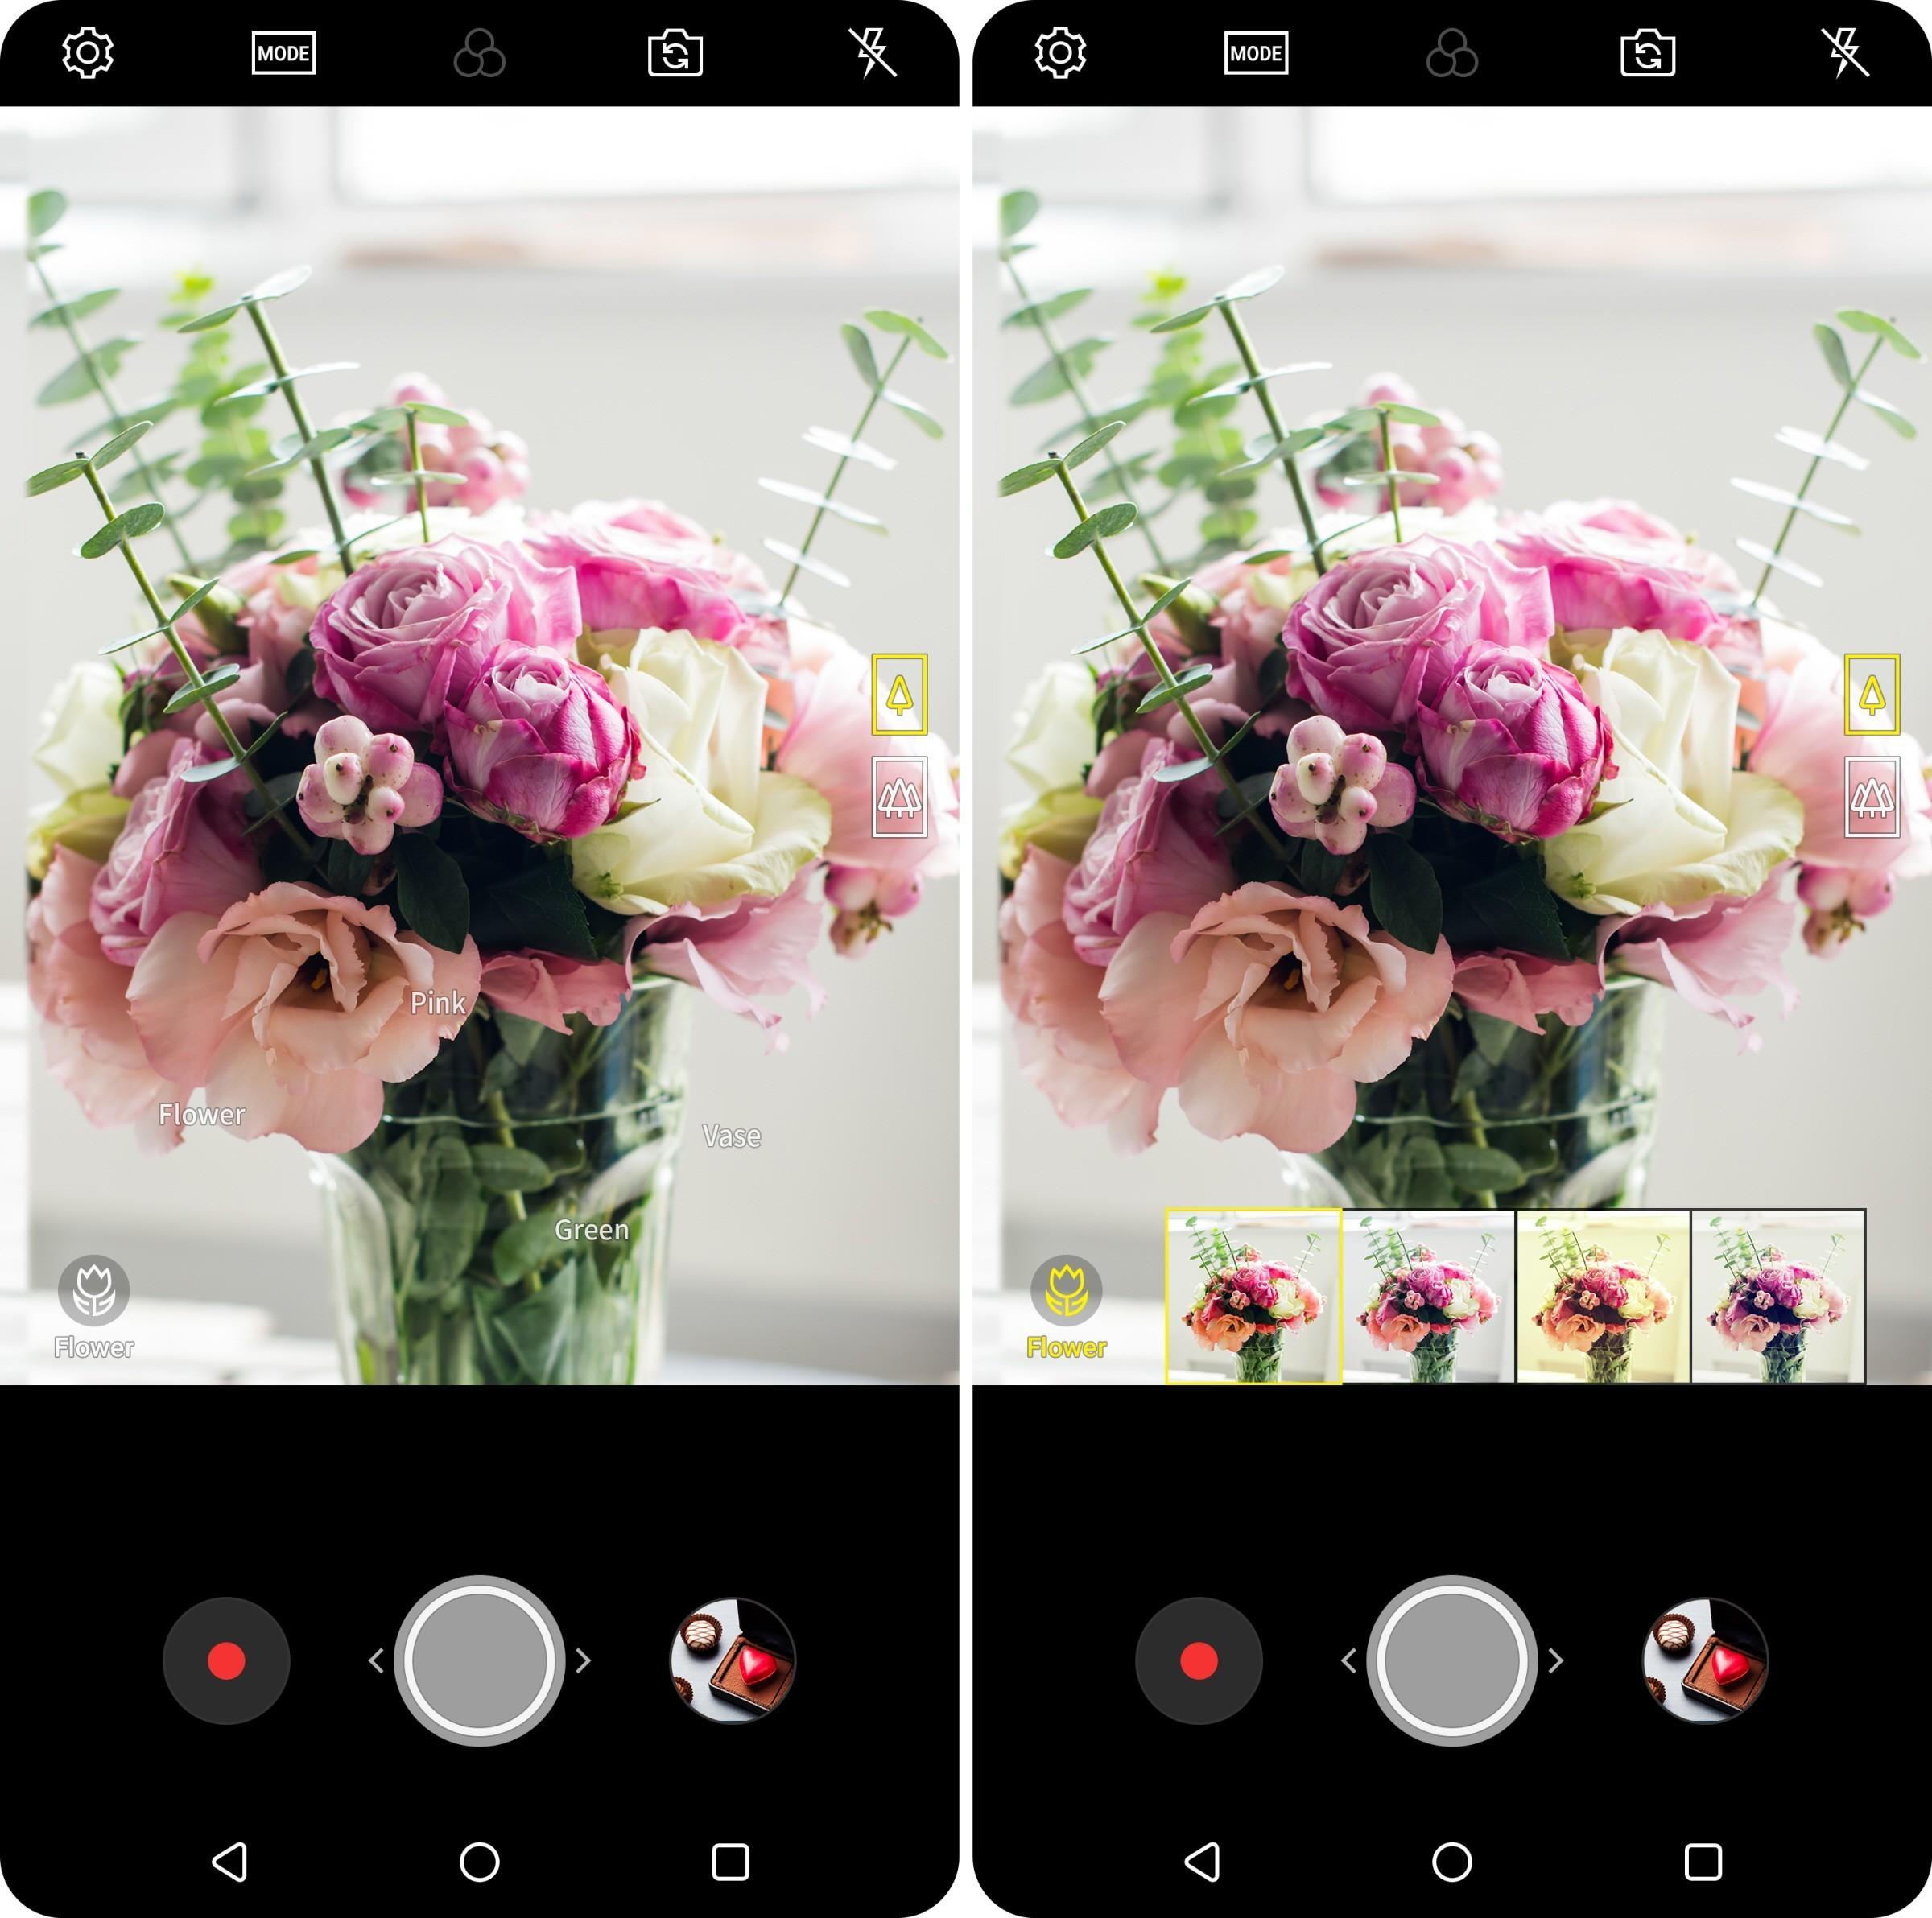 Vision AI-teknologien er i stand til å gjenkjenne flere elementer i bildet helt på egen hånd.